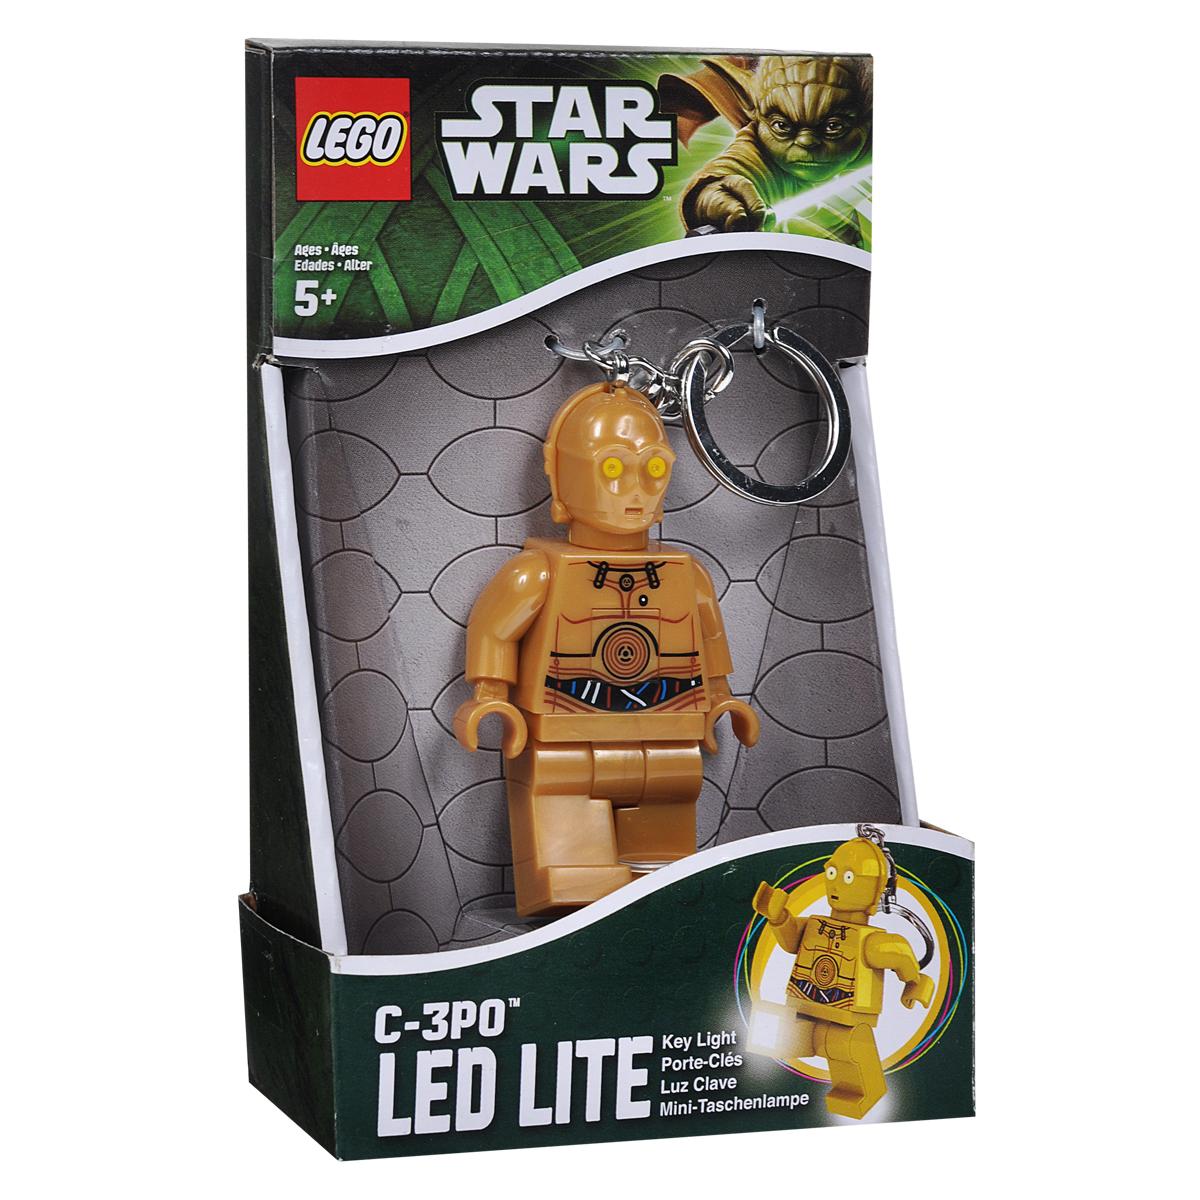 Брелок-фонарик для ключей Lego Звездные ВойныLGL-KE18Брелок-фонарик для ключей Lego Звездные Войны станет отличным подарком для знакомых или коллег по работе. Его можно пристегнуть к рюкзаку, сумке или повесить на связку ключей. Lego Звездные Войны - это современный осветительный прибор в классической форме фигурки Lego с подвижными конечностями. В ноги фигурки встроены два ярких светодиода, которые включаются нажатием на кнопку, расположенную на животе человечка.